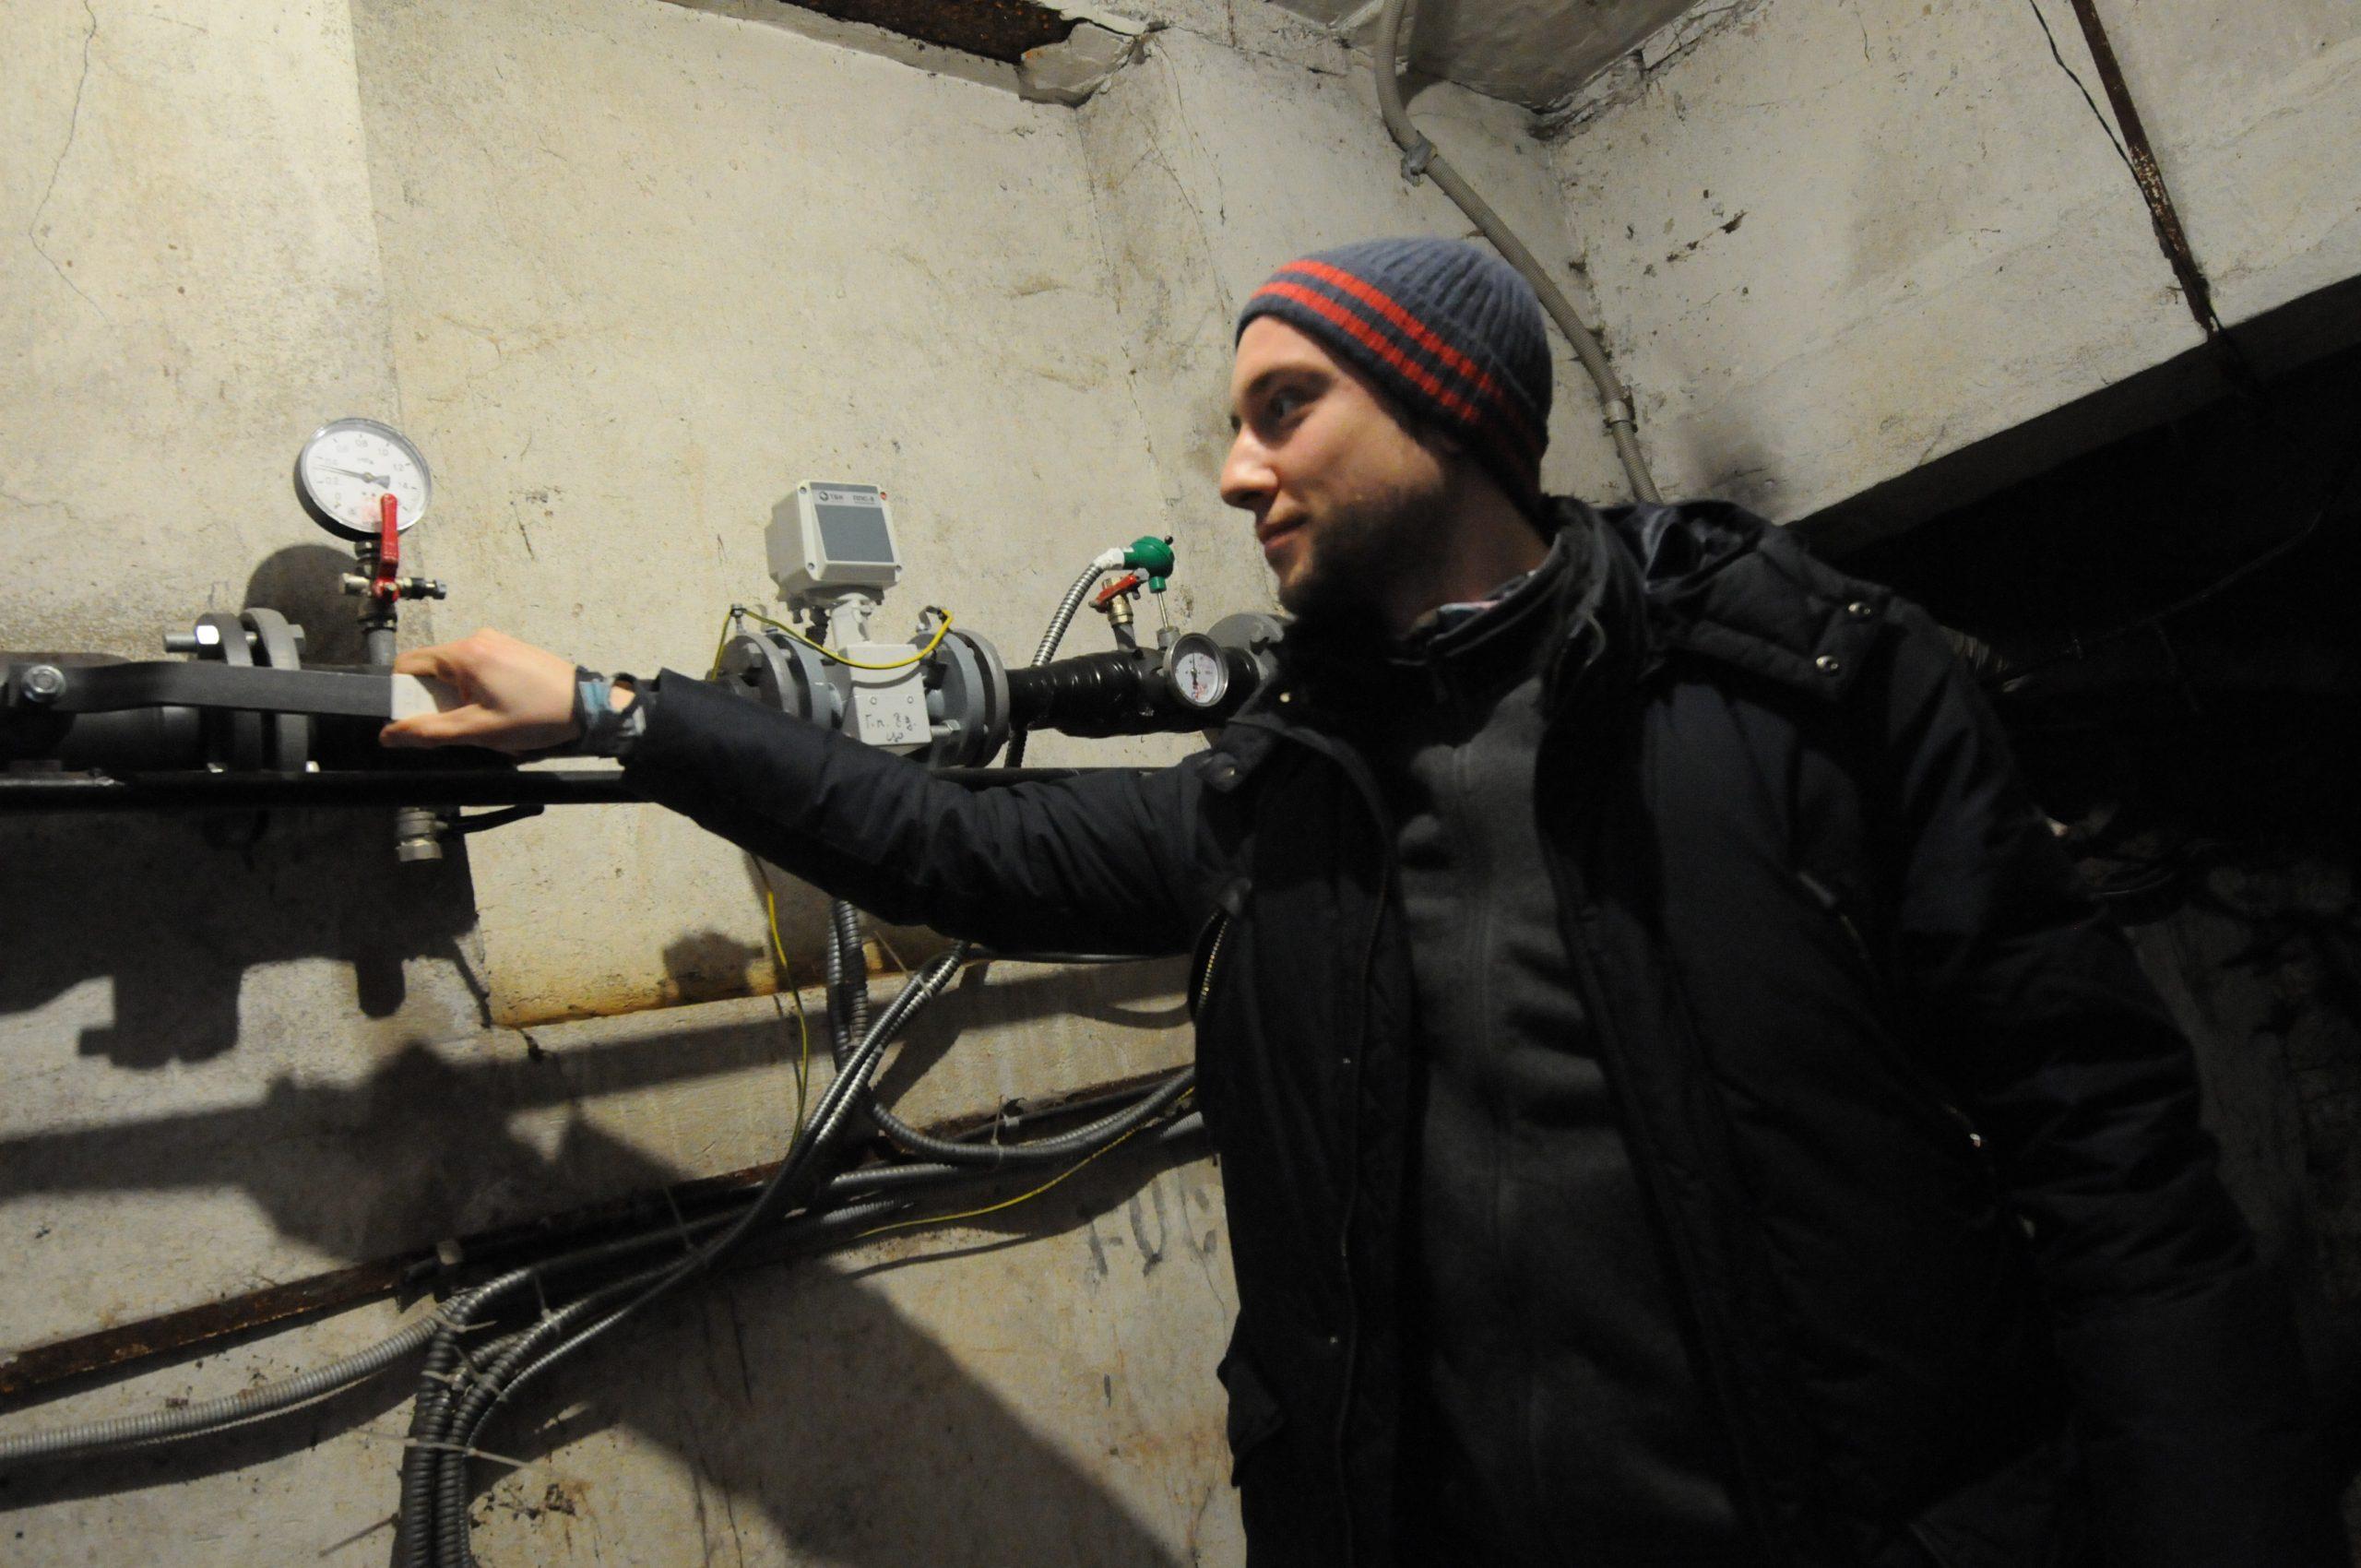 Горячая линия по вопросам отопления заработала в Москве. Фото: Светлана Колоскова, «Вечерняя Москва»